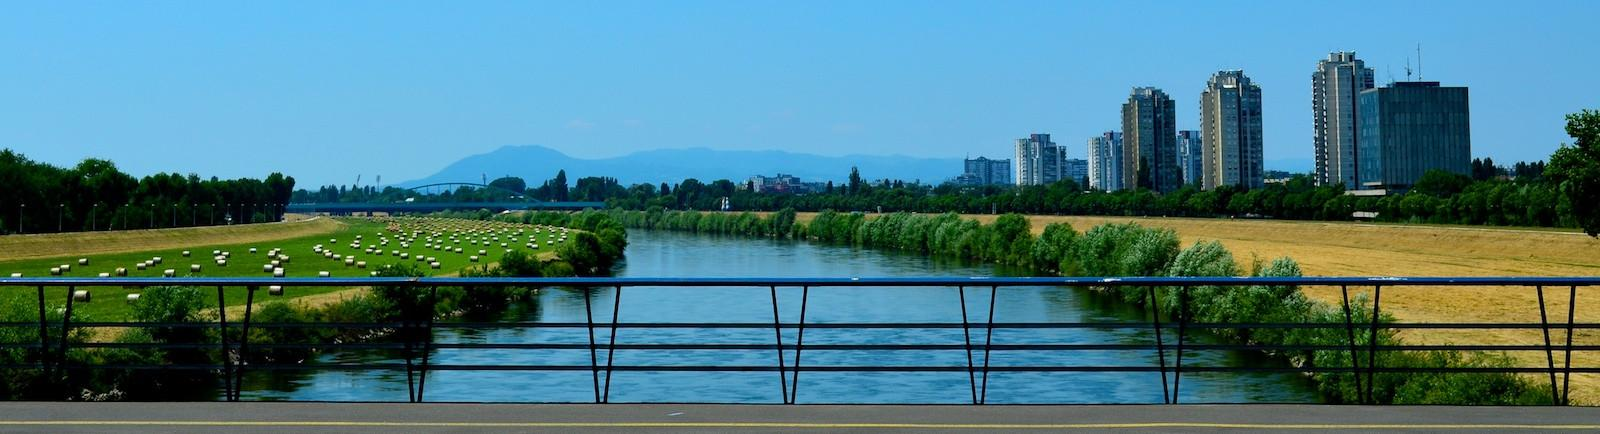 Río Saba, en Zagreb (Croacia).